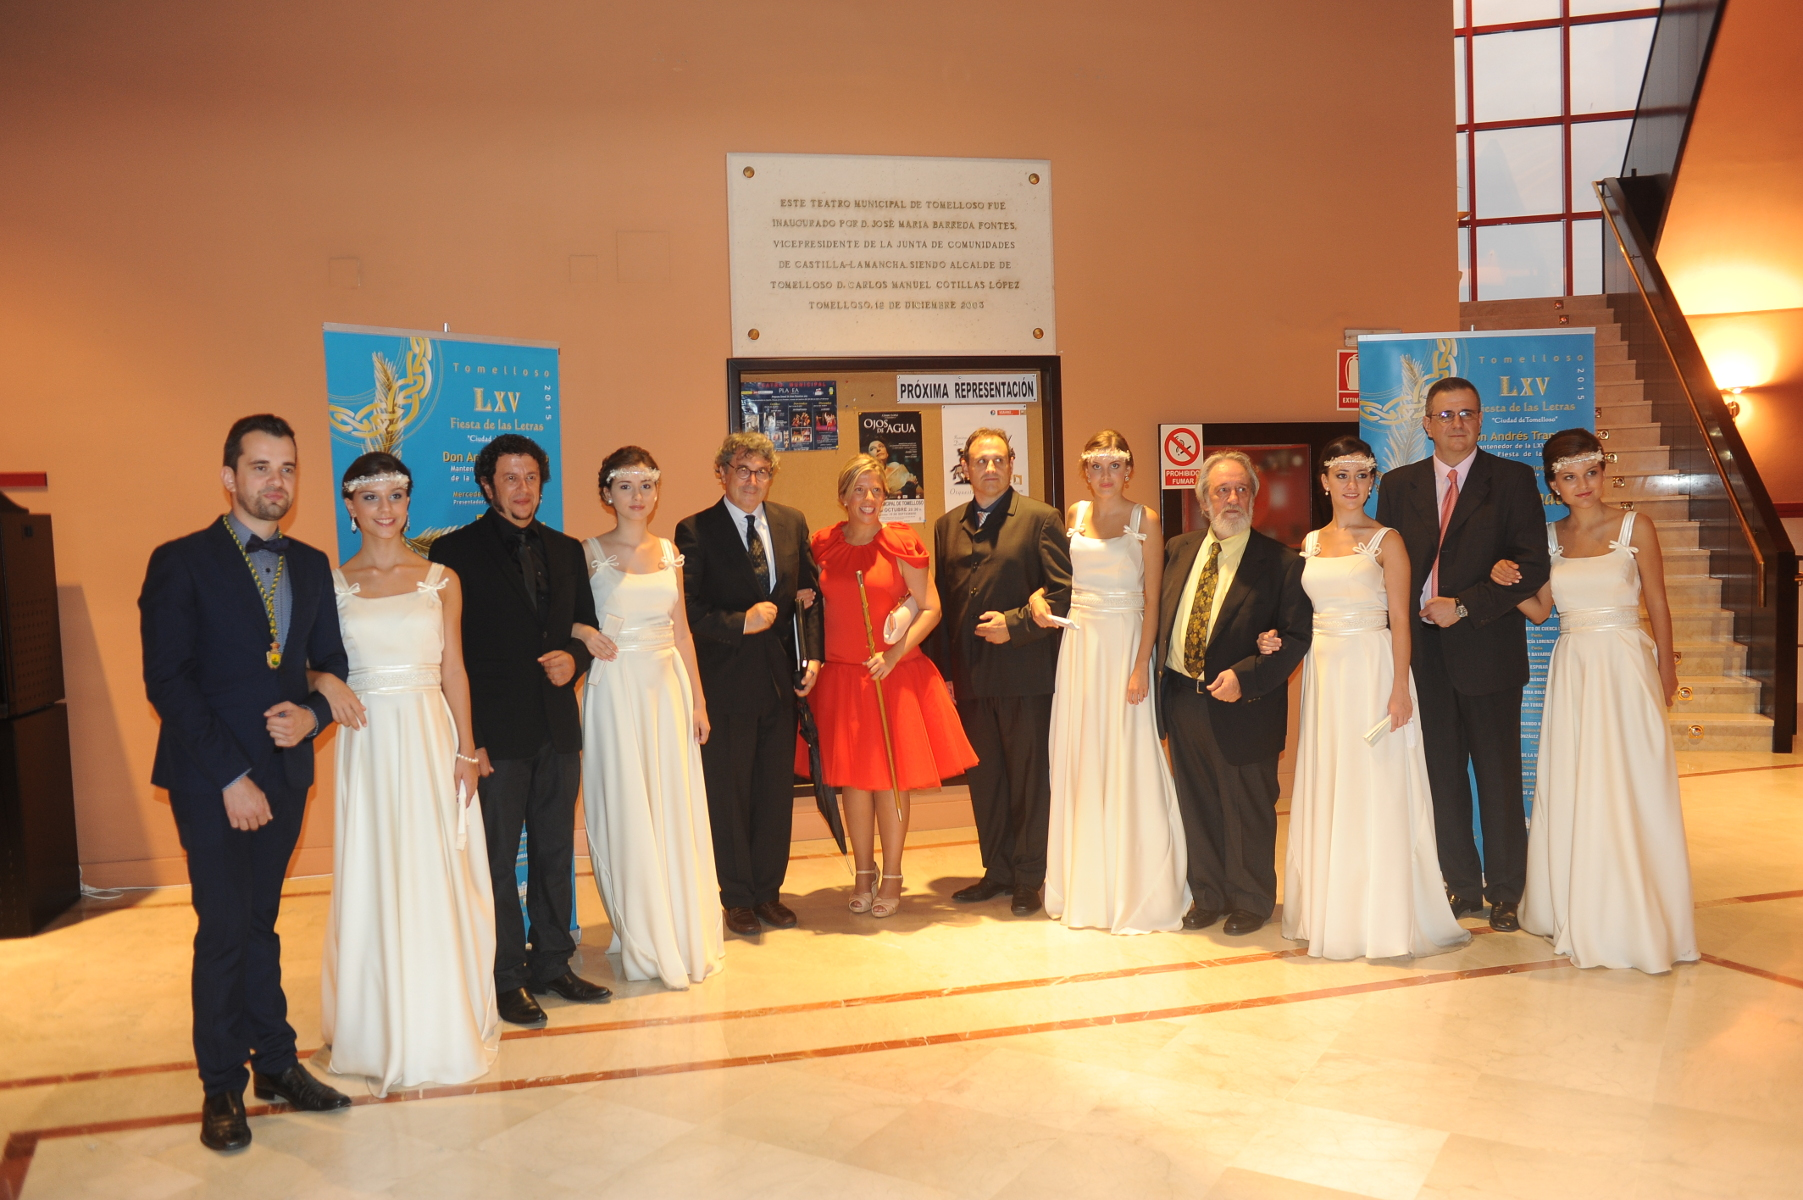 Trapiello rinde tributo a El Quijote y Cervantes en la LXV Fiesta de las Letras